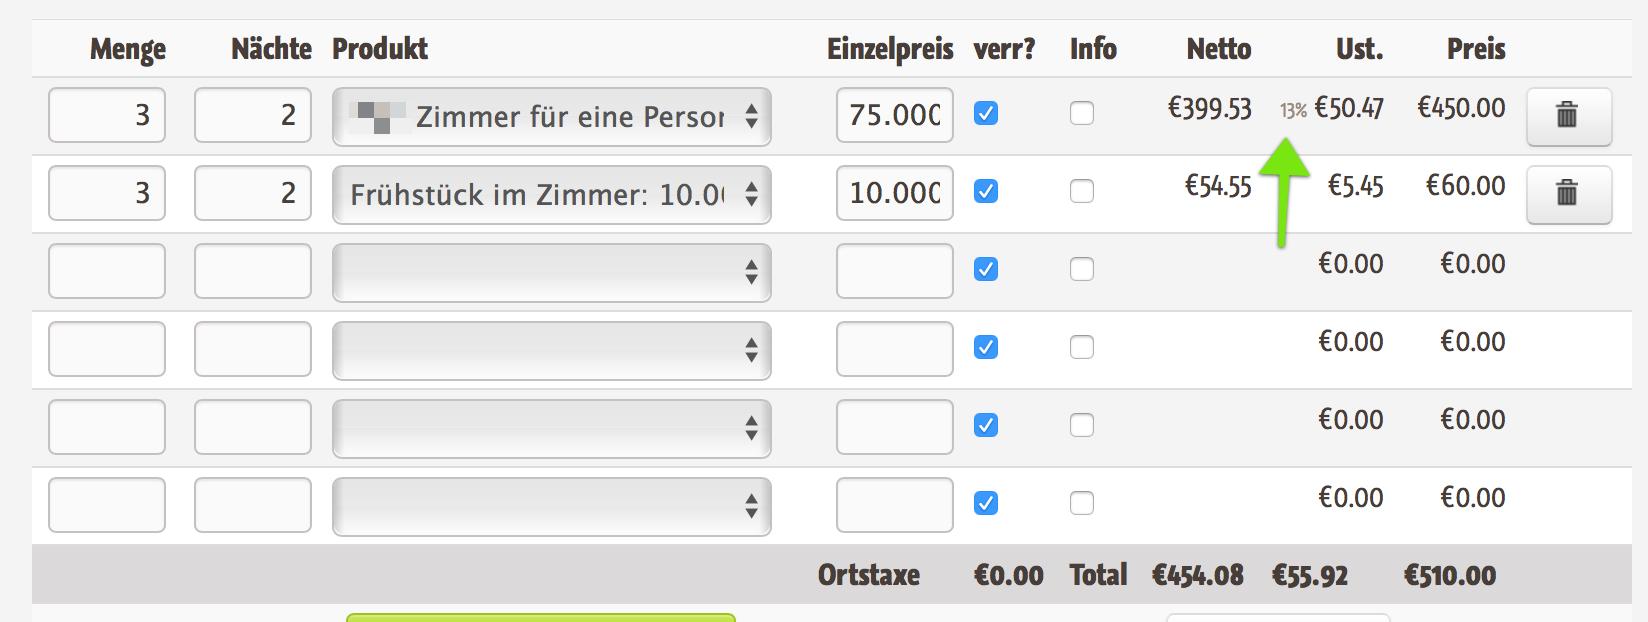 Bei den Produktzeilen wird für Betriebe aus Österreich ein Hinweis ausgegeben dass der Mehrwertsteuersatz 13% beträgt.